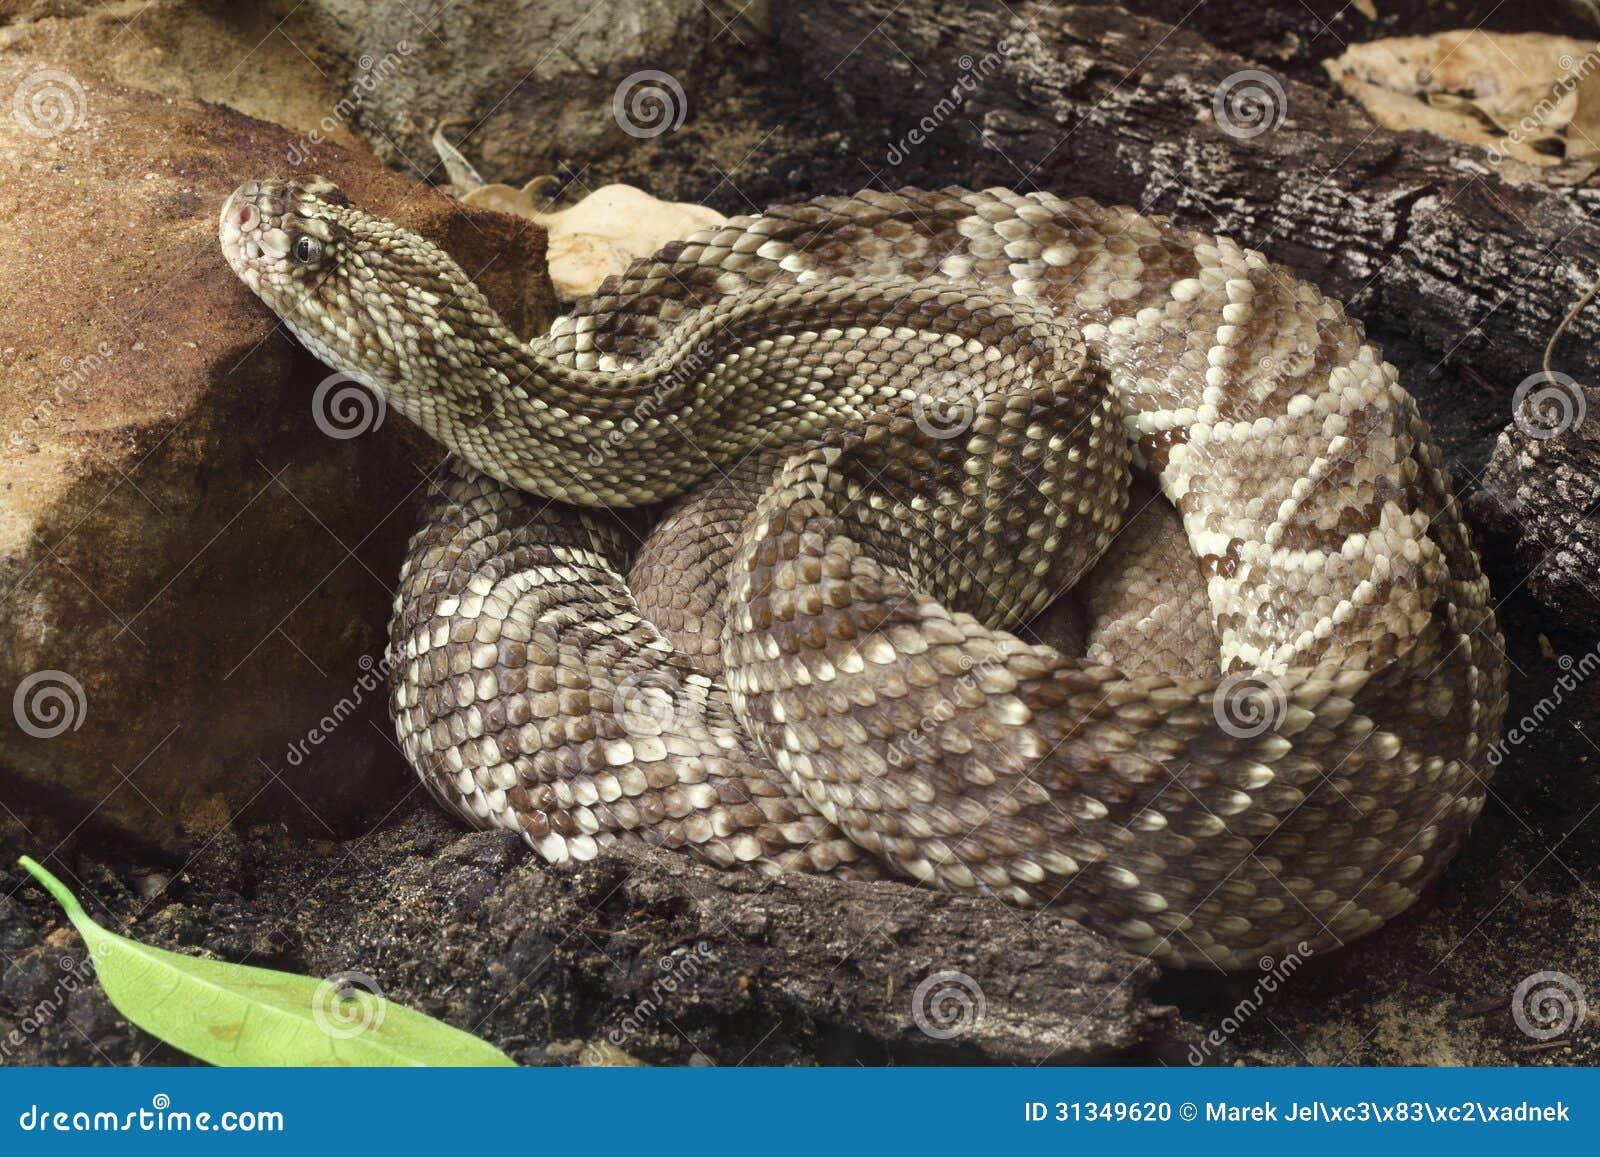 Serpiente De Cascabel Tropical Foto de archivo - Imagen de south ...